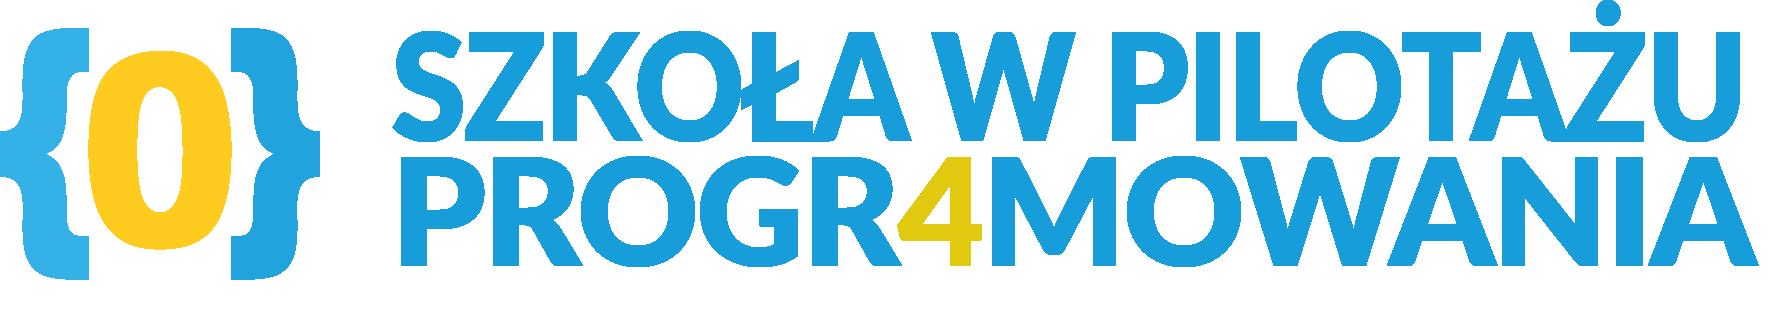 logo-programu-programowanie